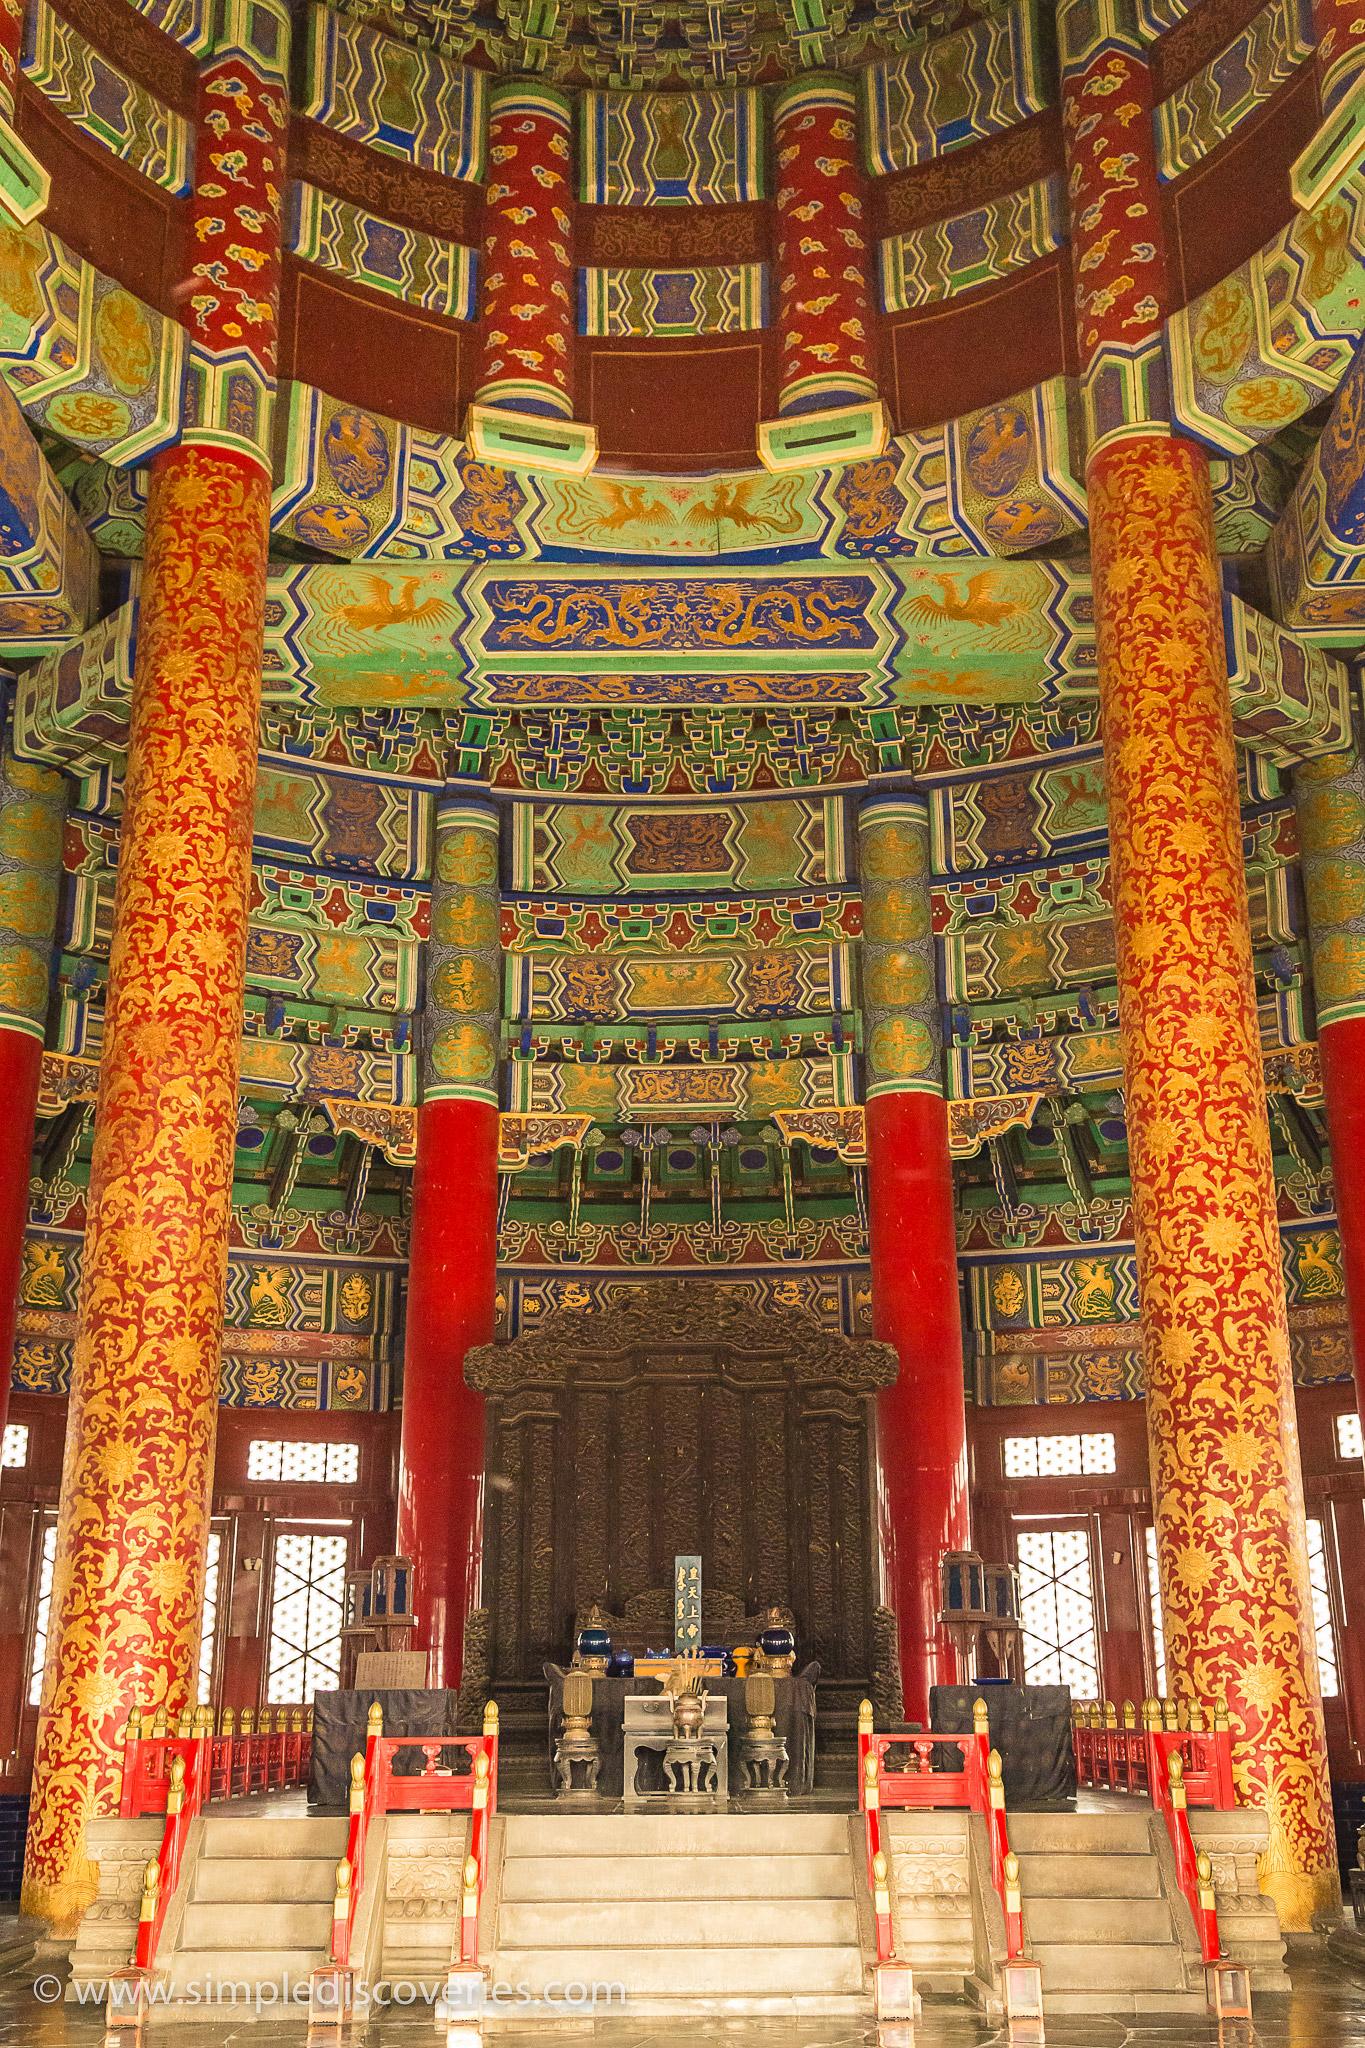 temple_of_heaven_interior